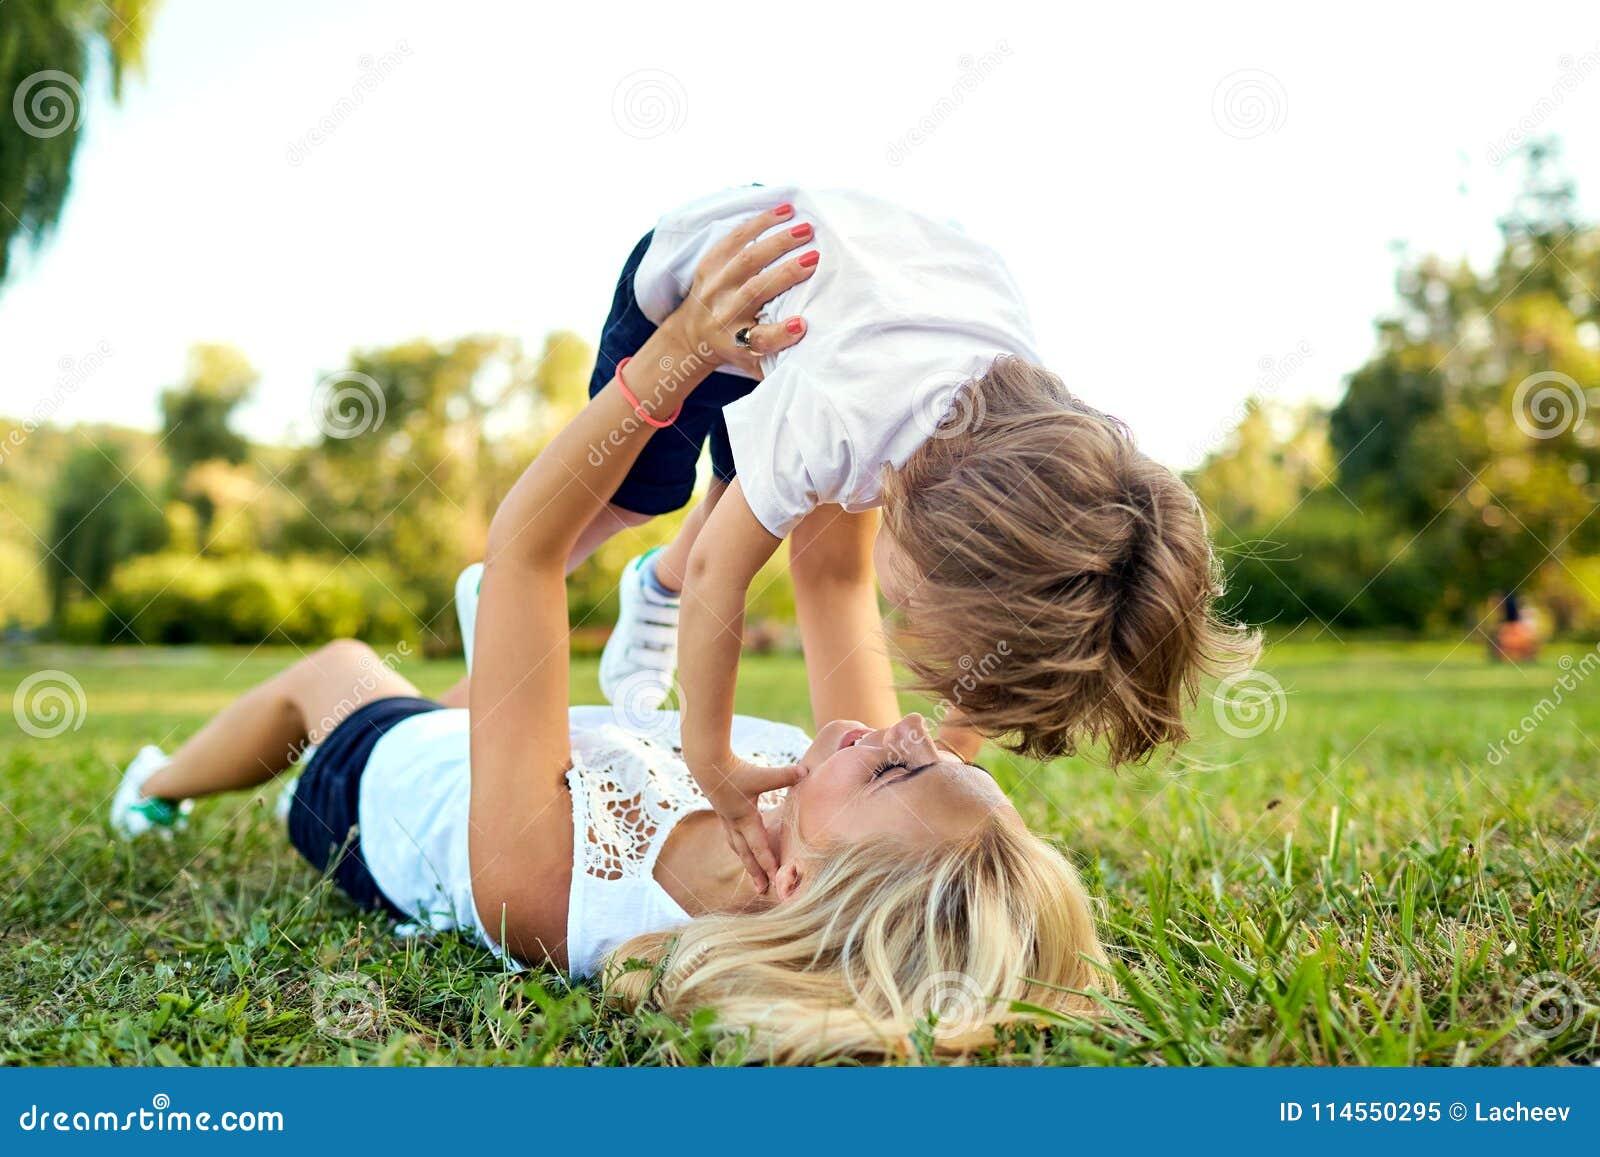 Η μητέρα και ο γιος παίζουν το αγκάλιασμα στη χλόη στο πάρκο